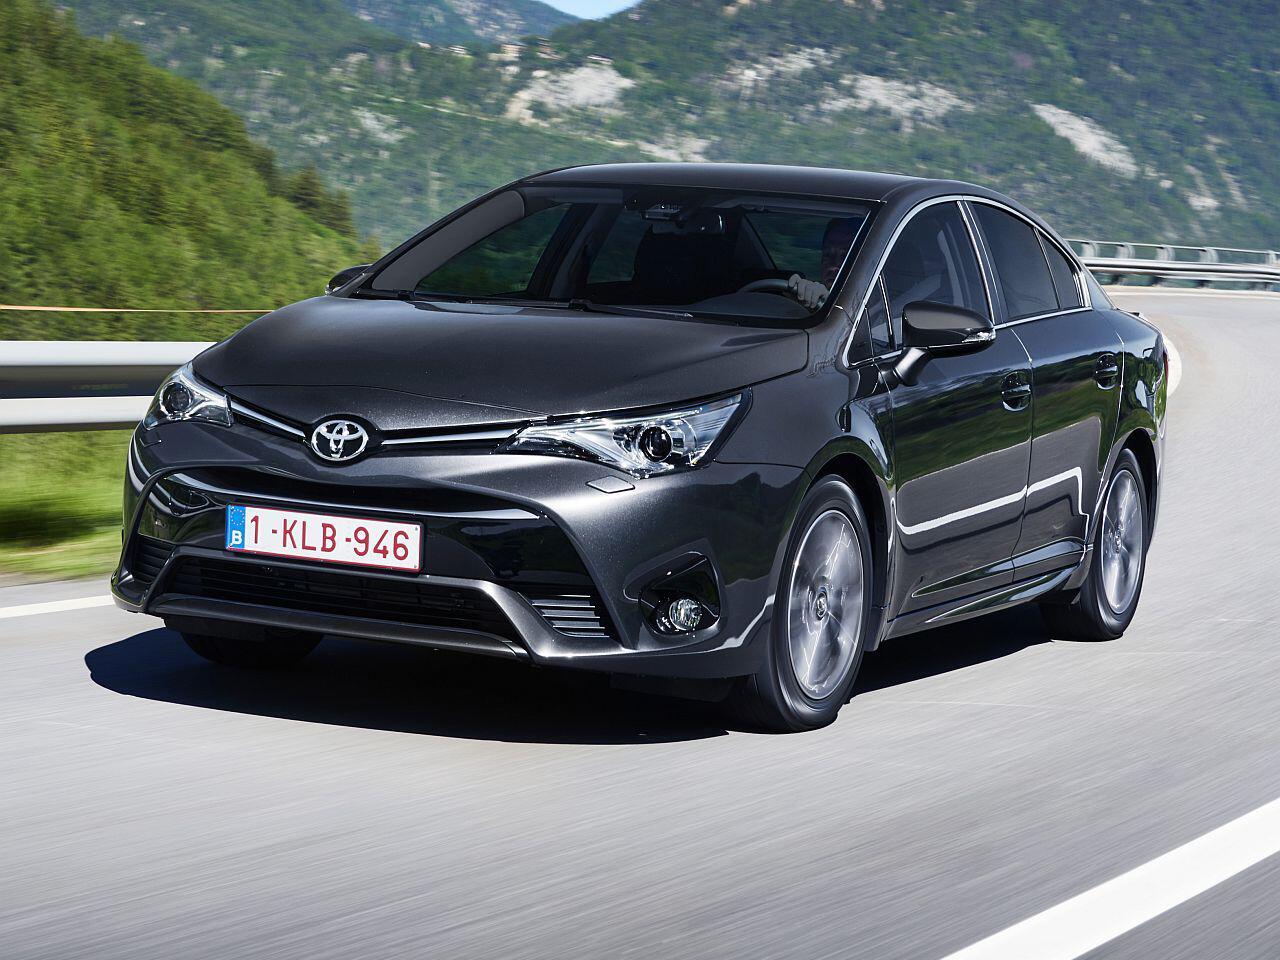 Bild zu Toyota Avensis Limousine